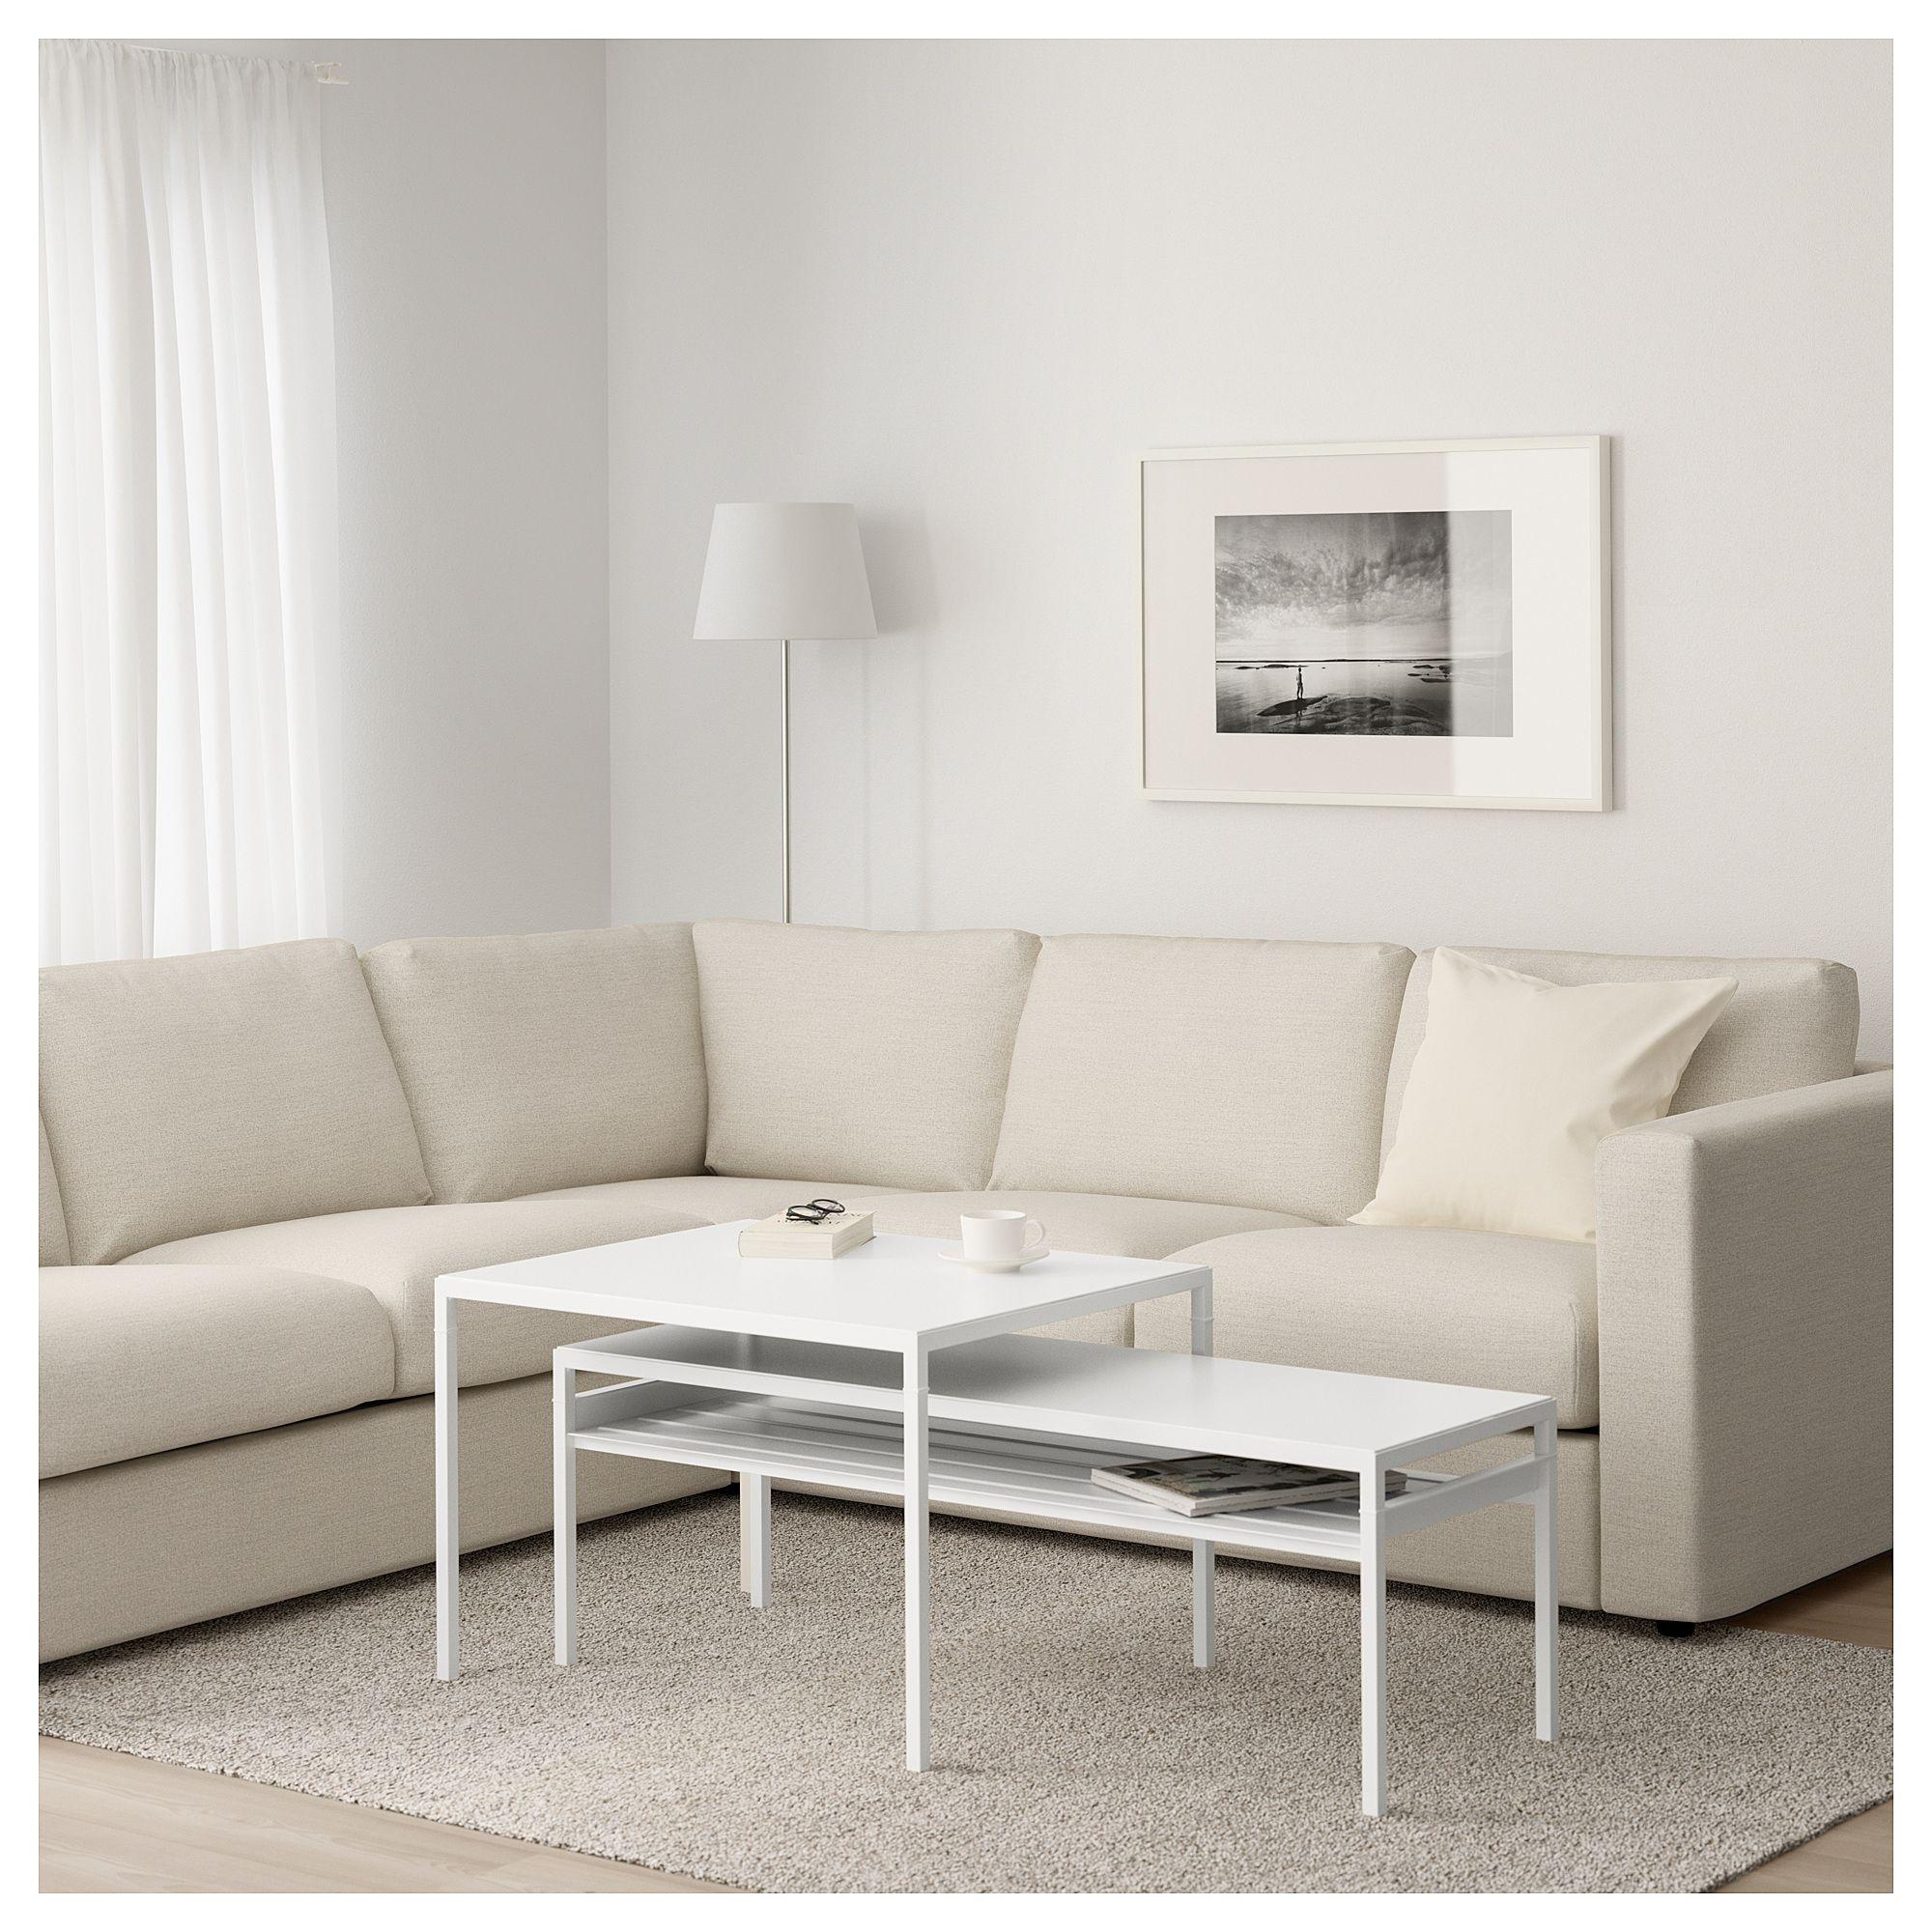 Nyboda Satztisch Wendbare Platten 2er Set Weiss Grau Mit Bildern